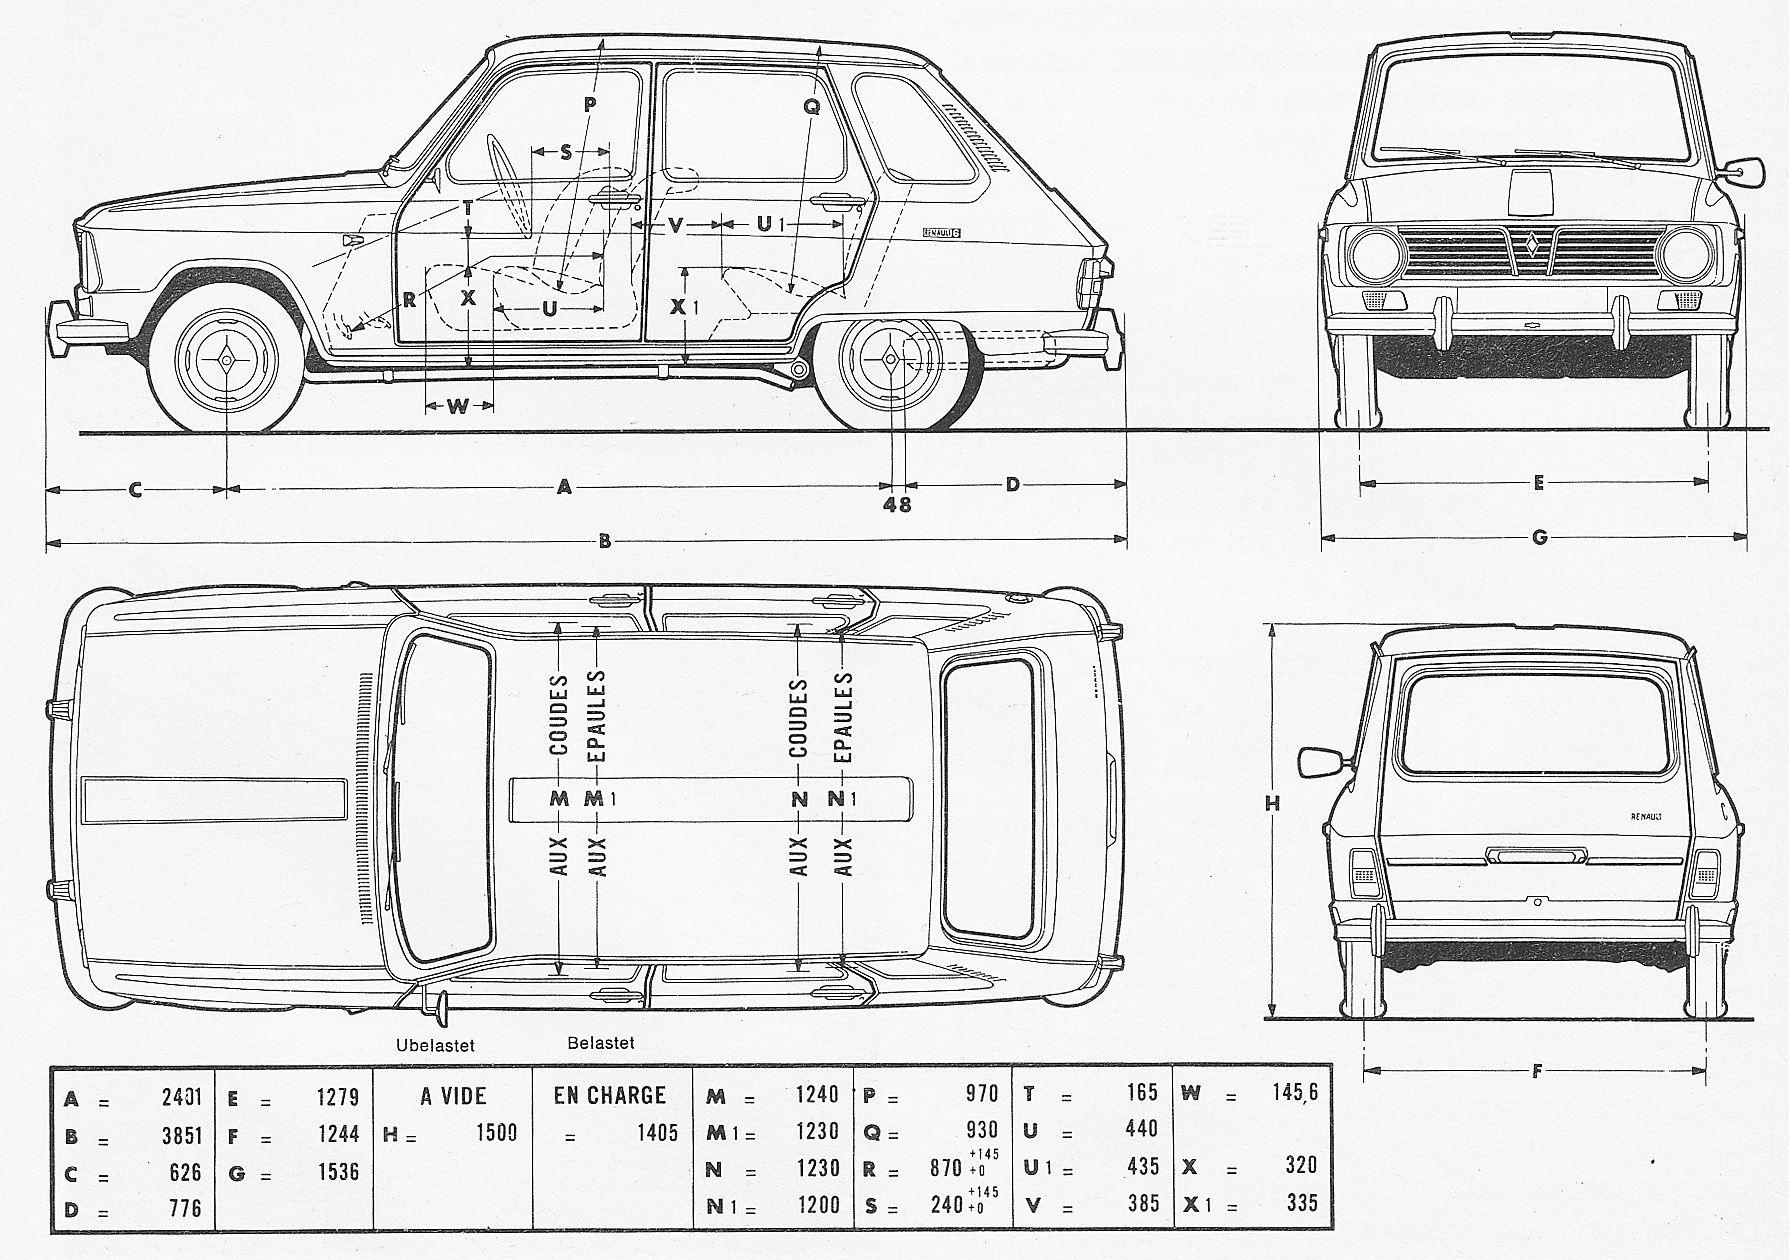 Renault alpine lm blueprint racing car blueprint pinterest renault alpine lm blueprint racing car blueprint pinterest cars le mans and vehicle malvernweather Choice Image